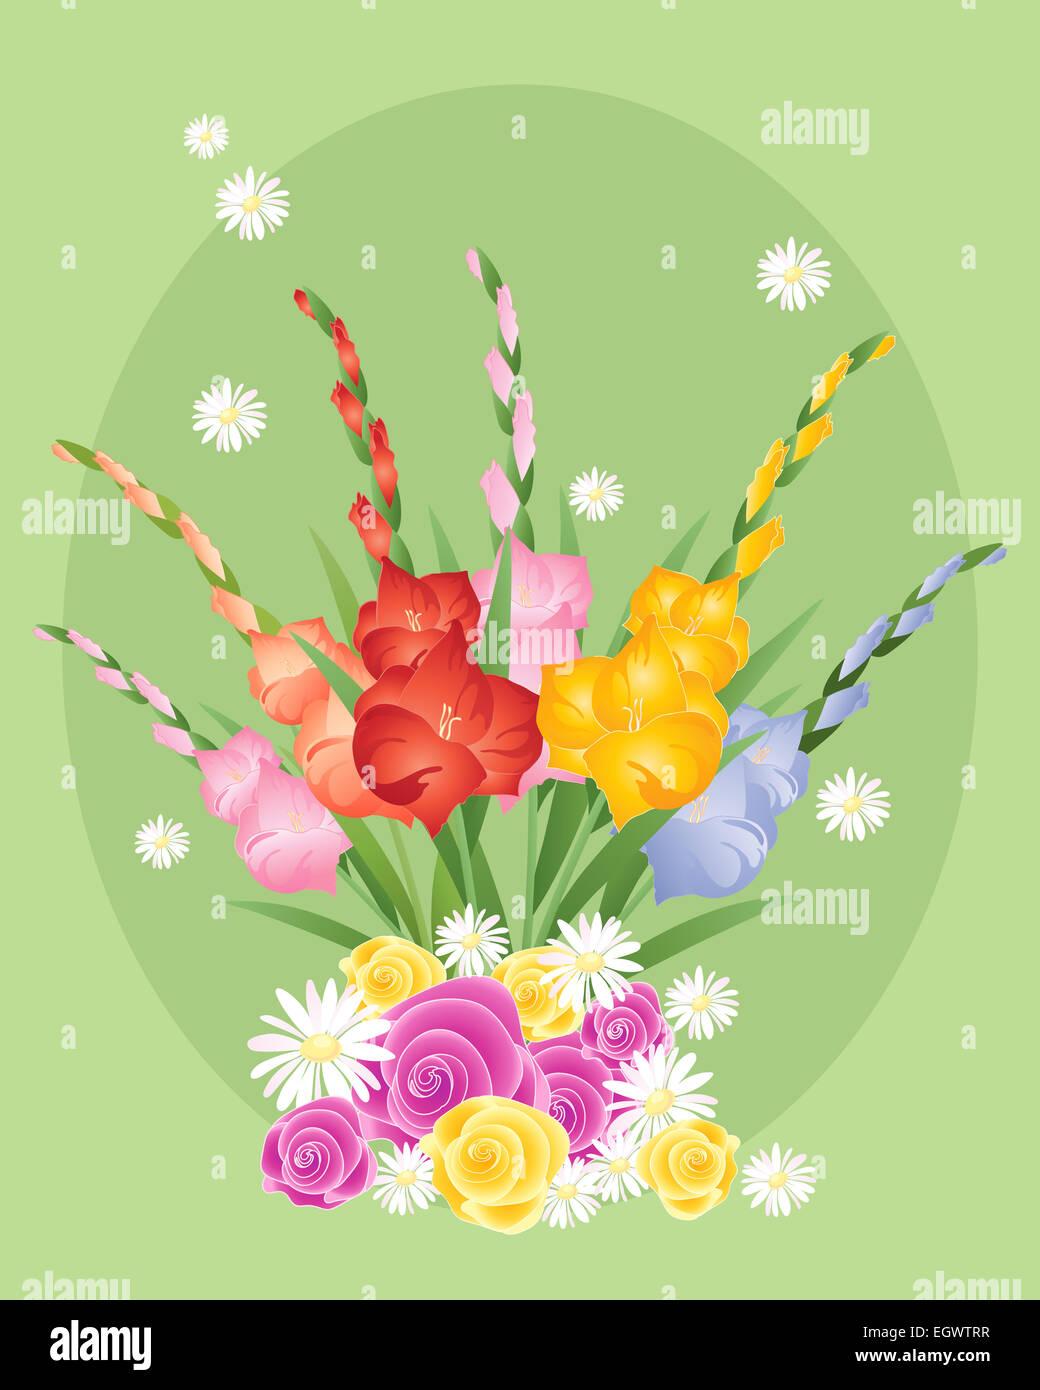 Una Illustrazione Di Un Floral Biglietto Di Auguri Per Compleanni O